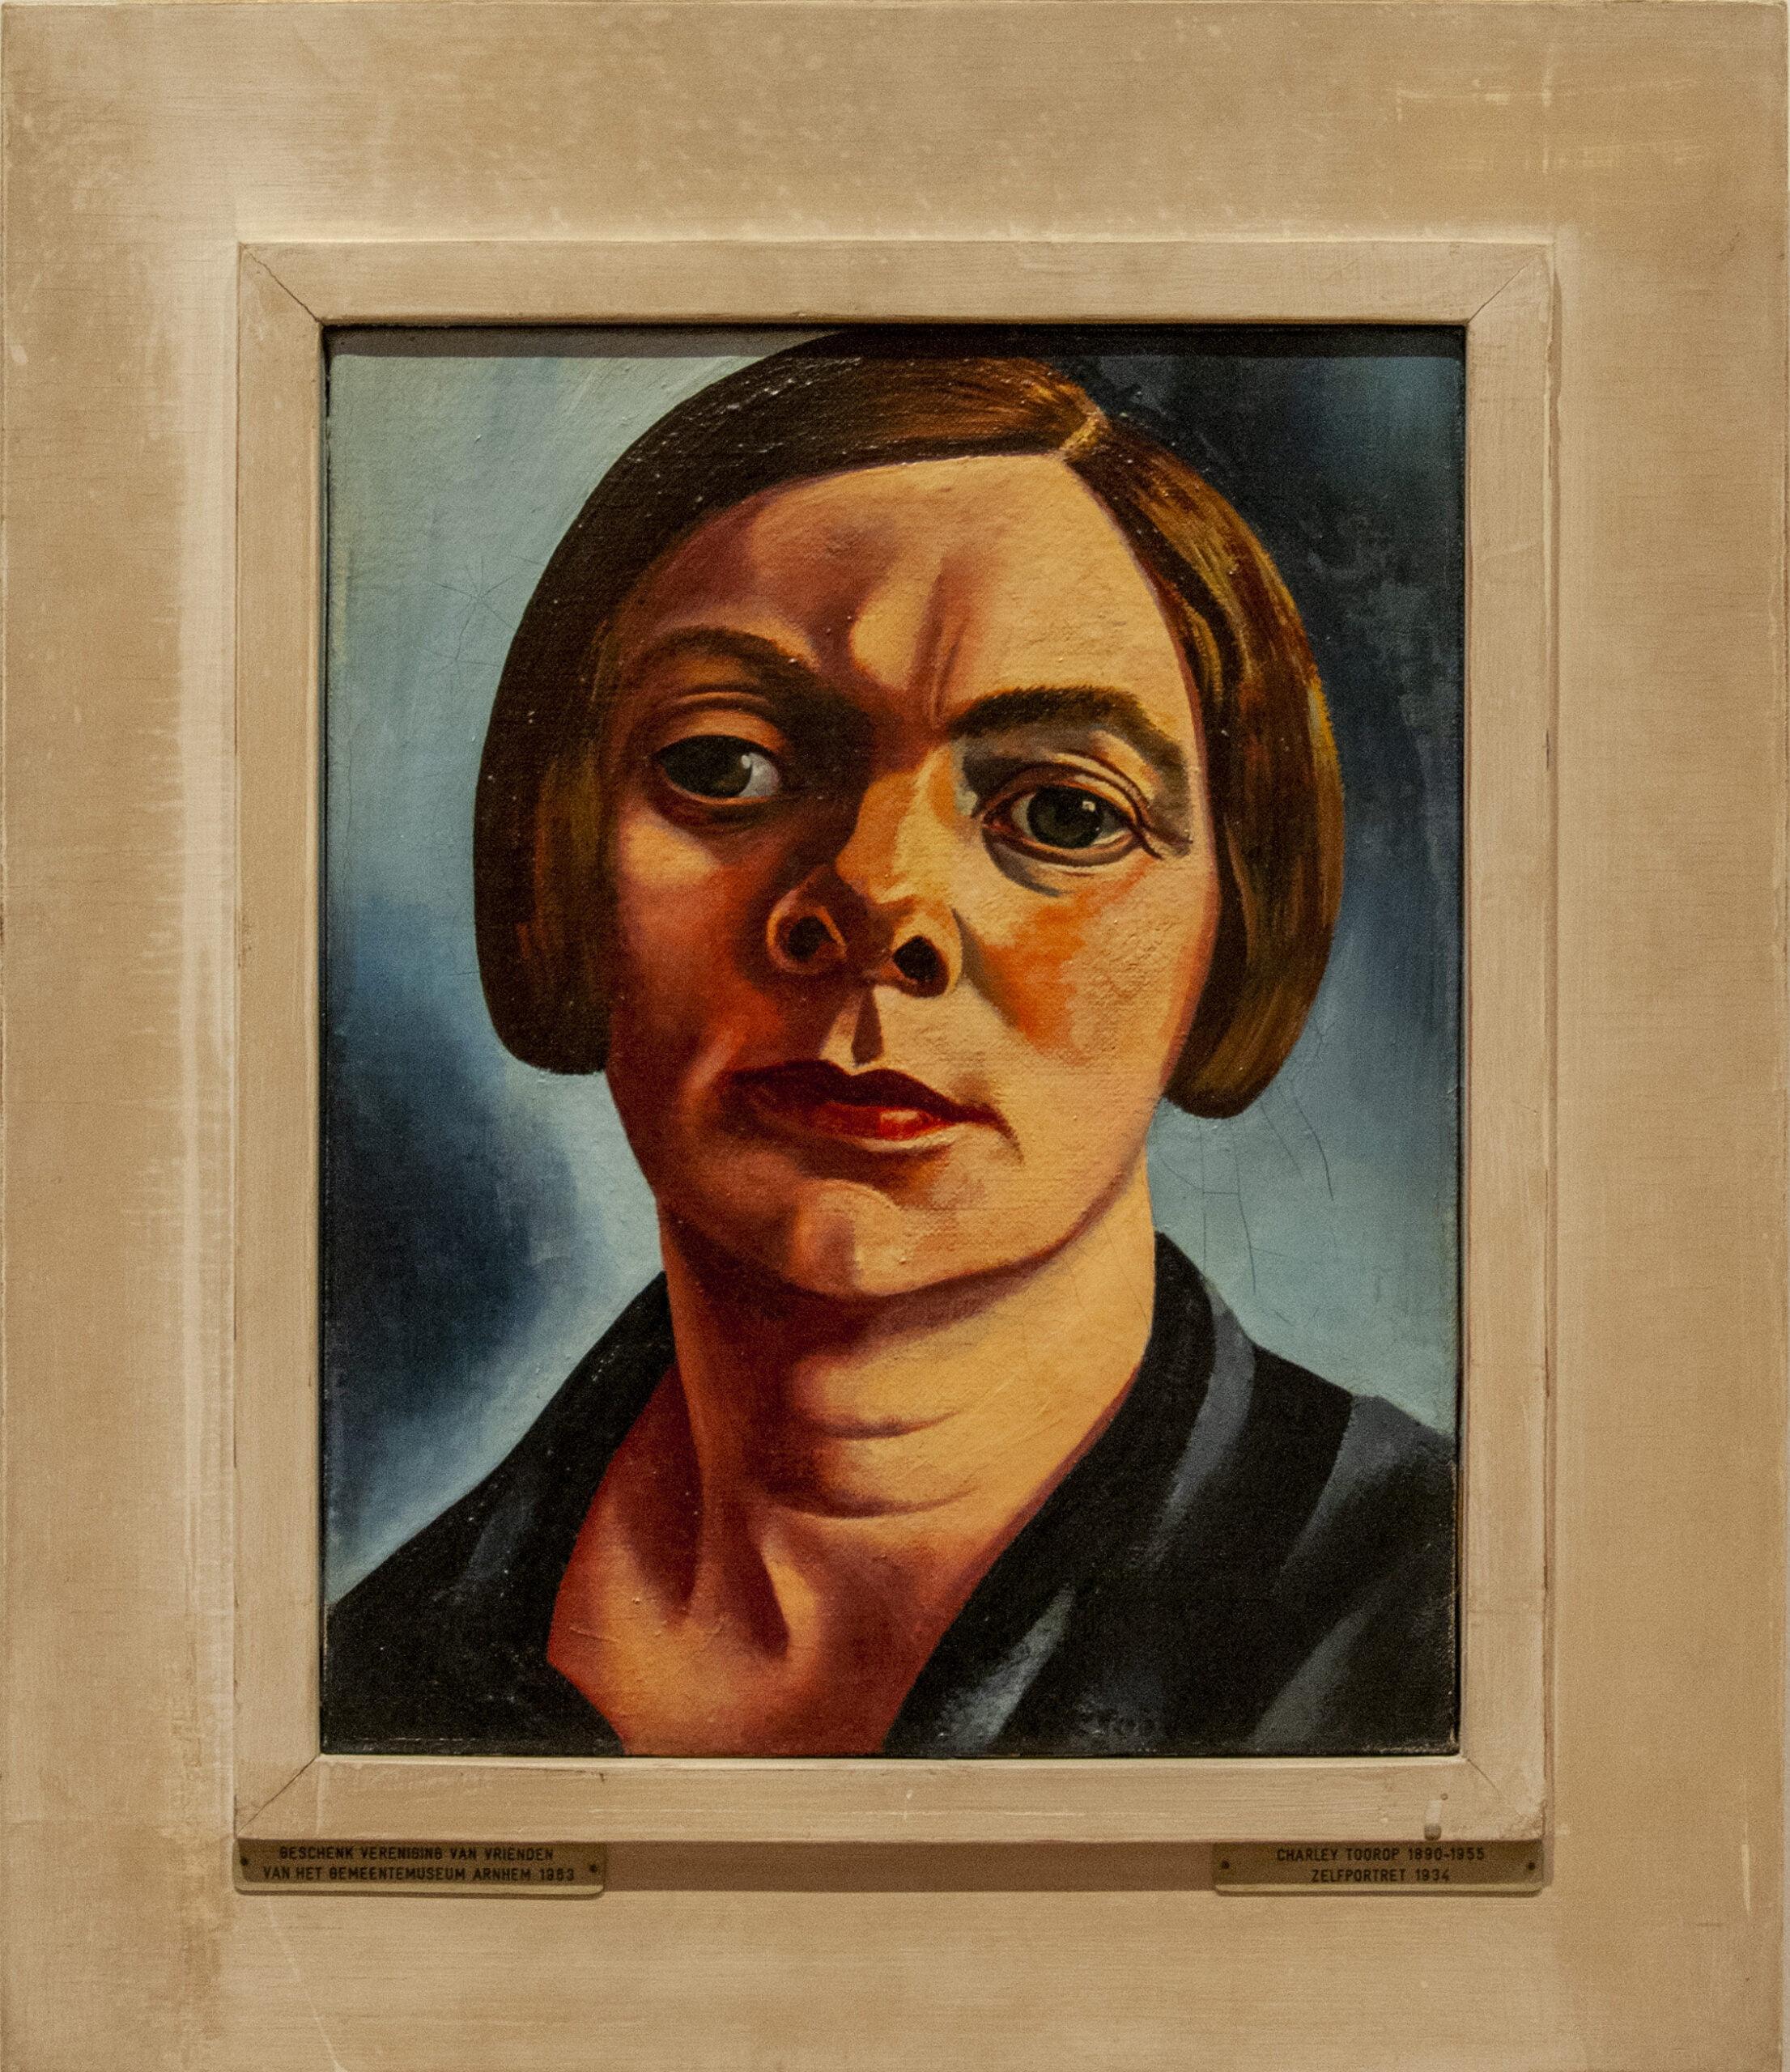 Neorealism in the Netherlands, Museum Arnhem, Charley Toorop